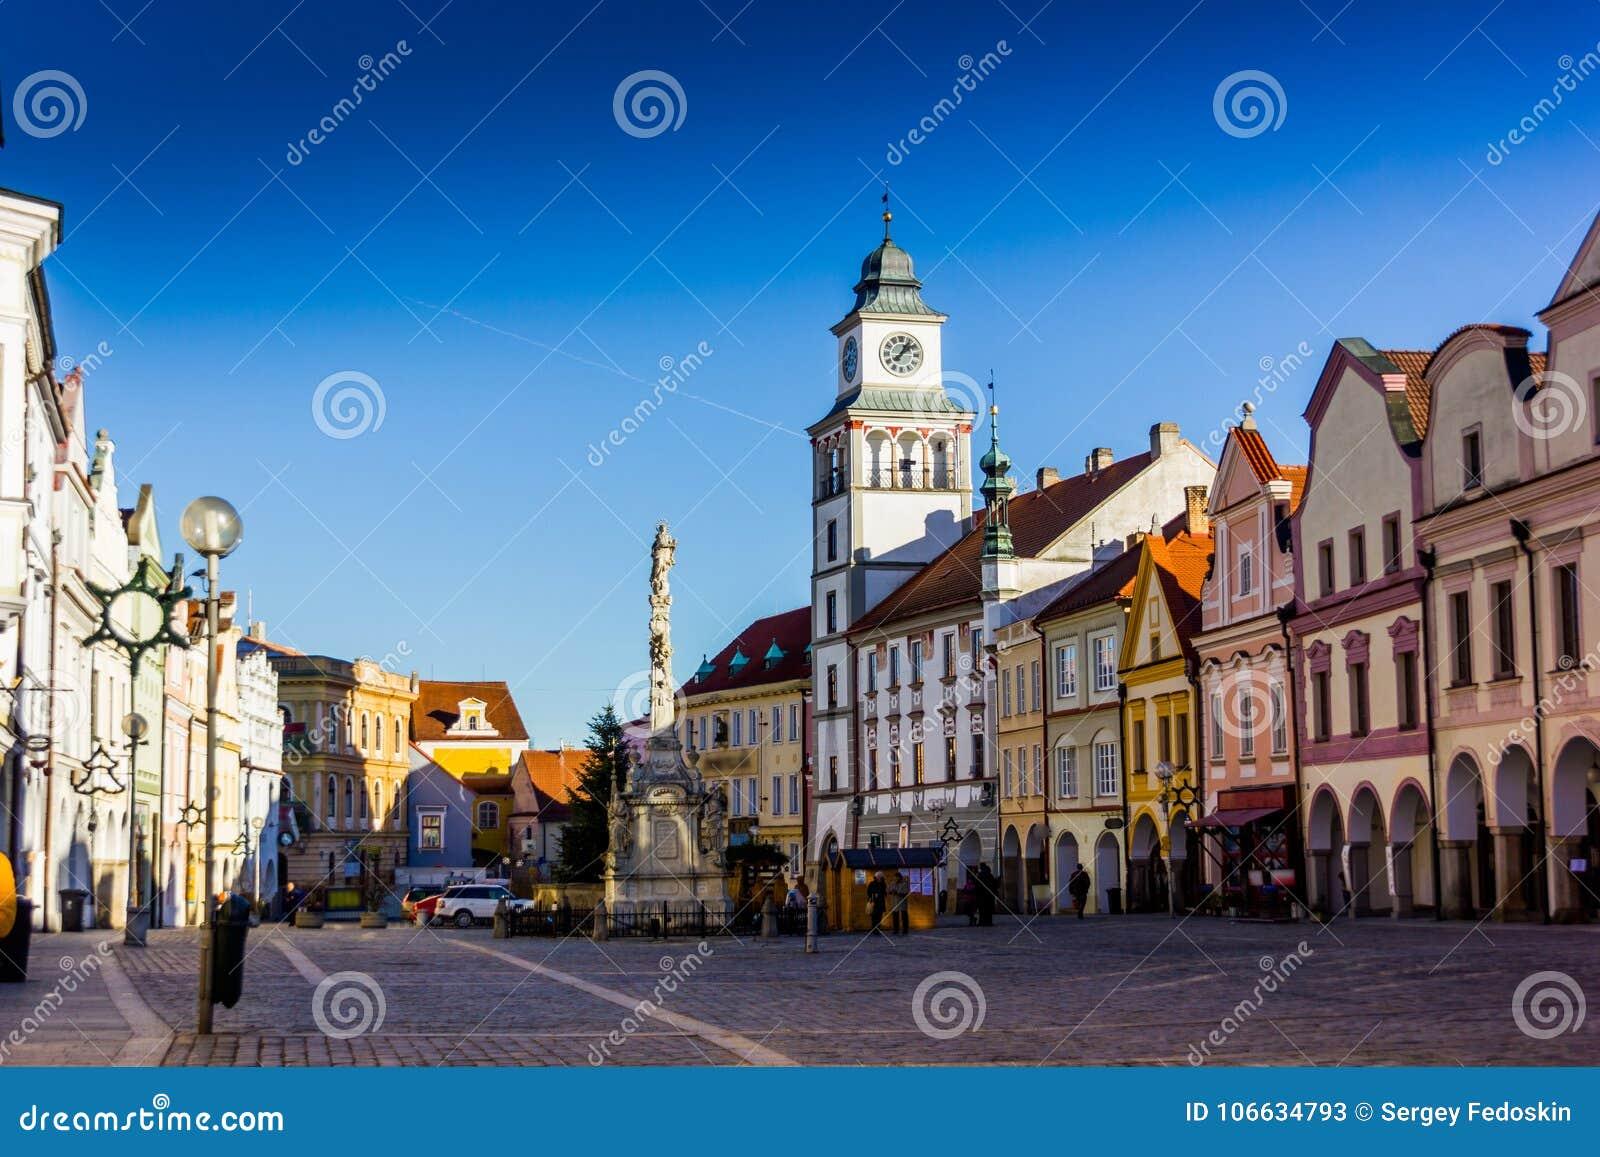 Le centre ville dans Trebon, République Tchèque